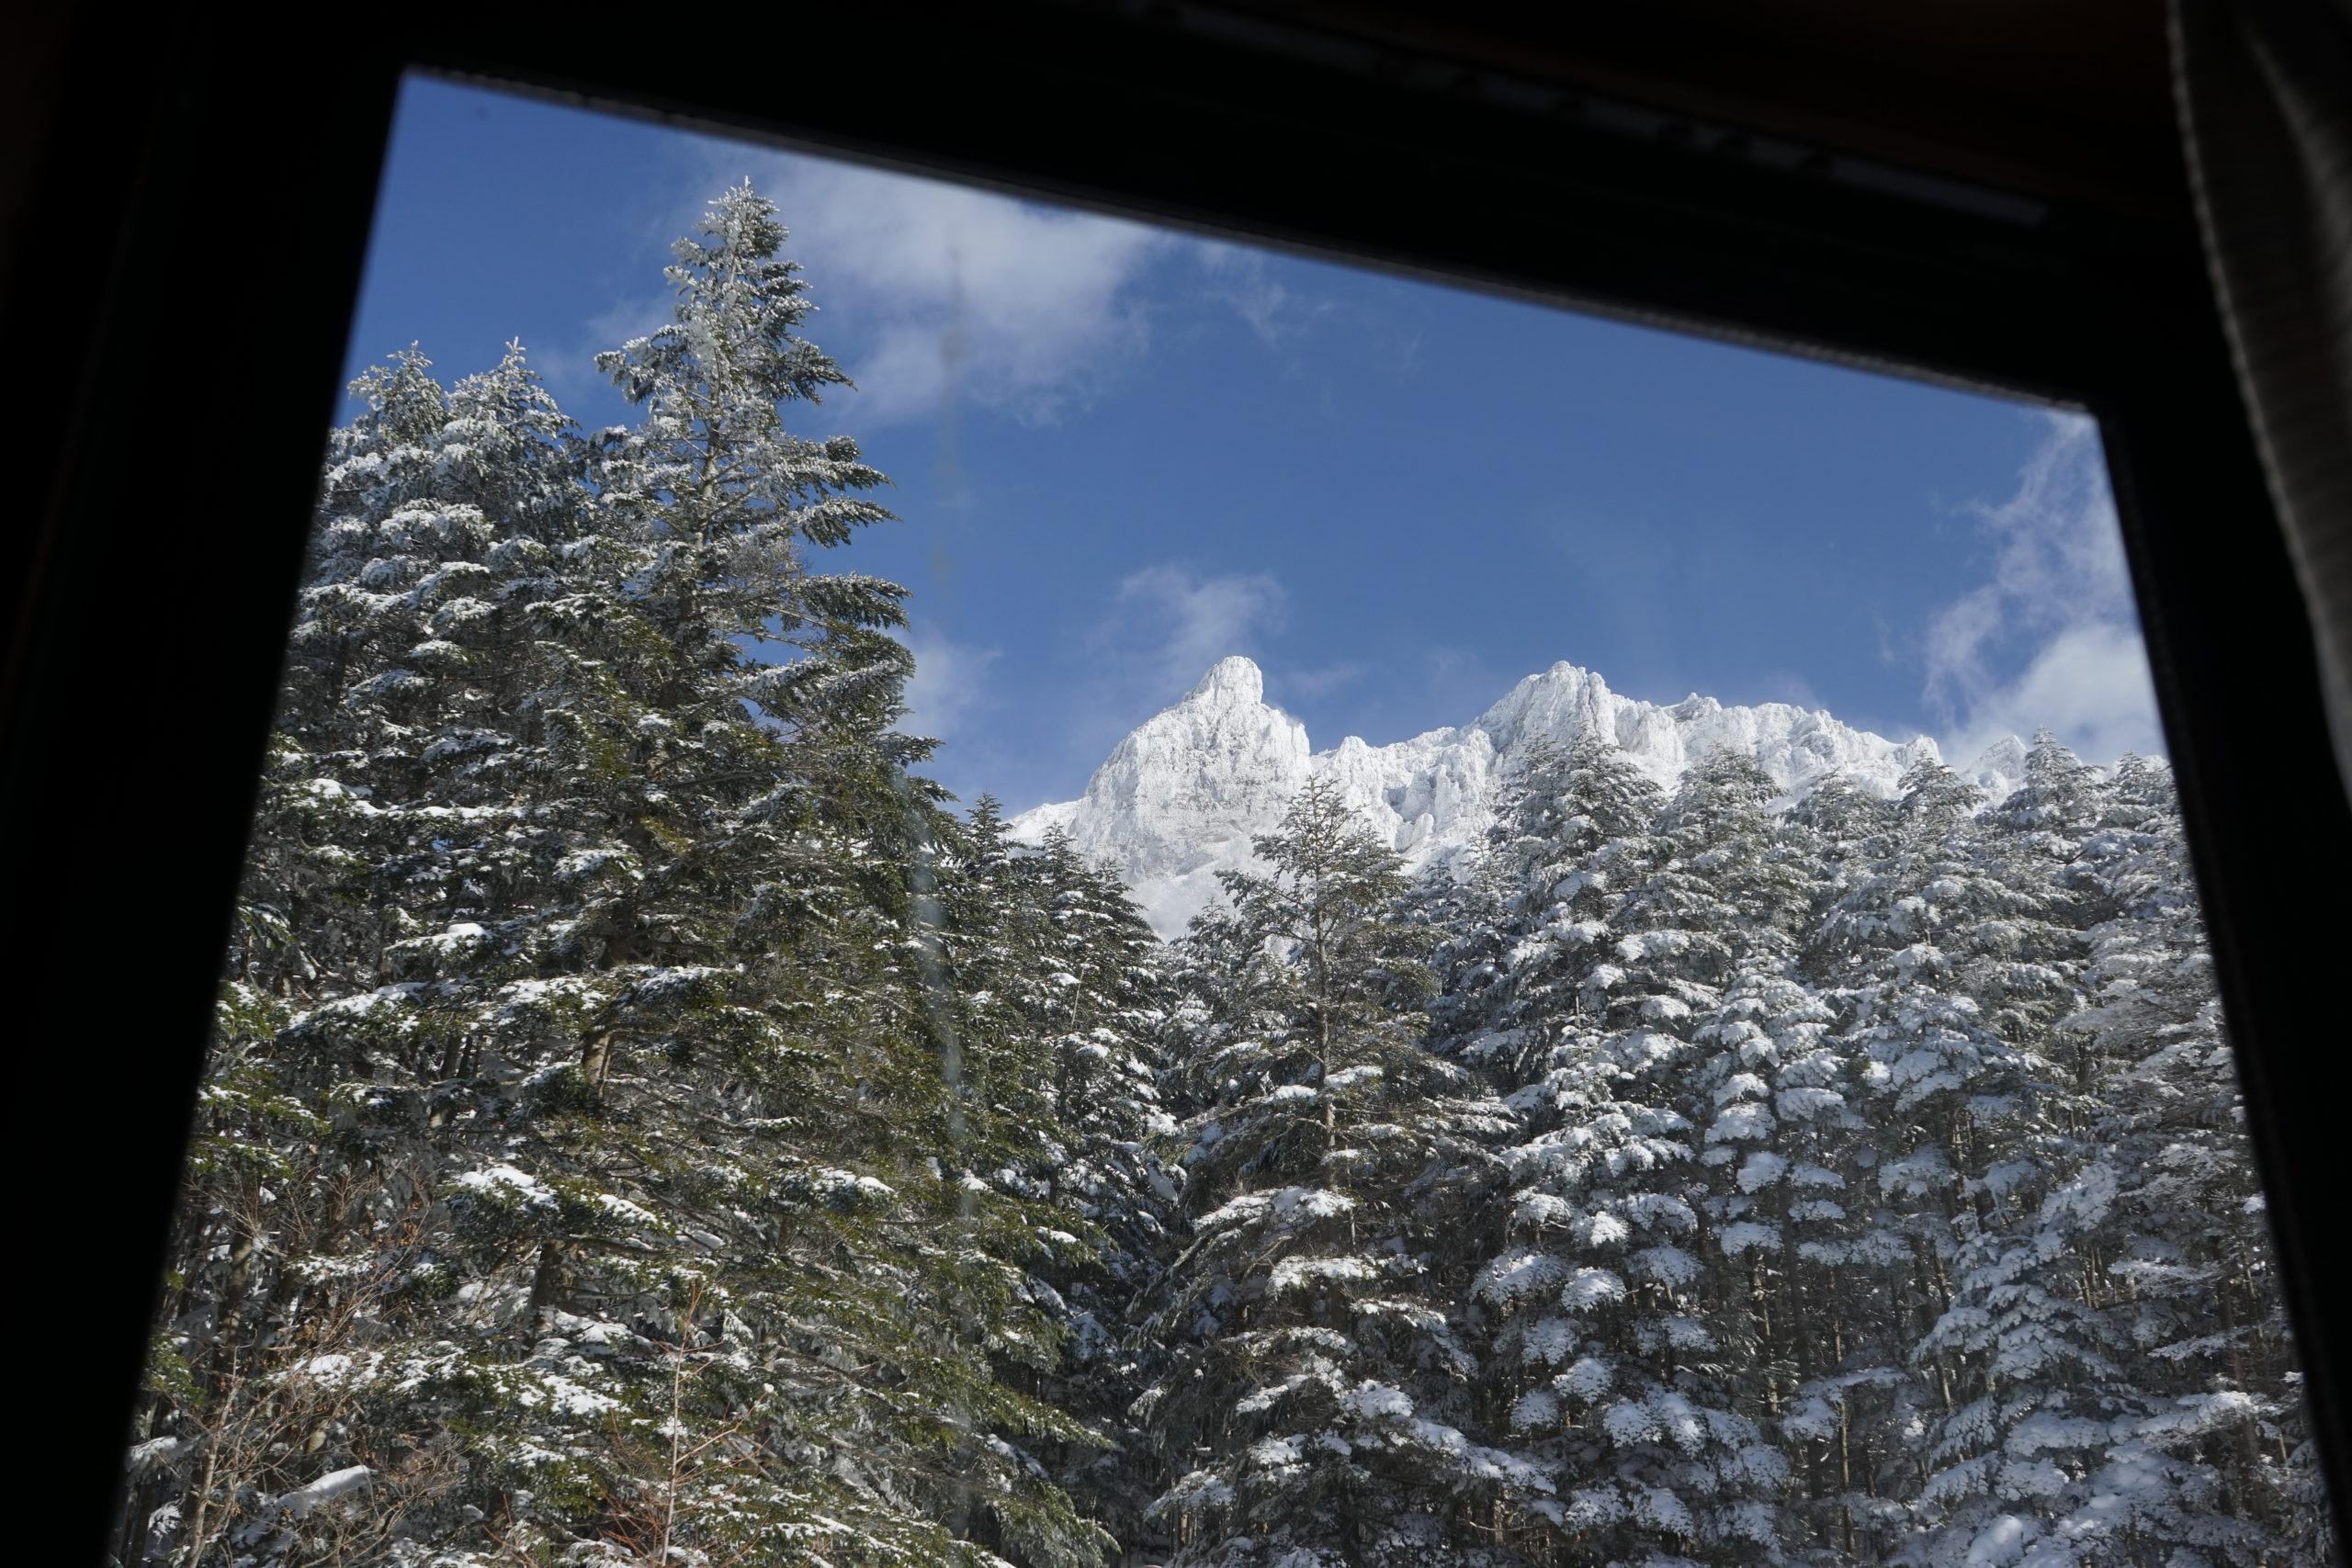 はじめての八ヶ岳・赤岳へ。雪山登山してきました!|KUKKA佐藤の山エッセイ